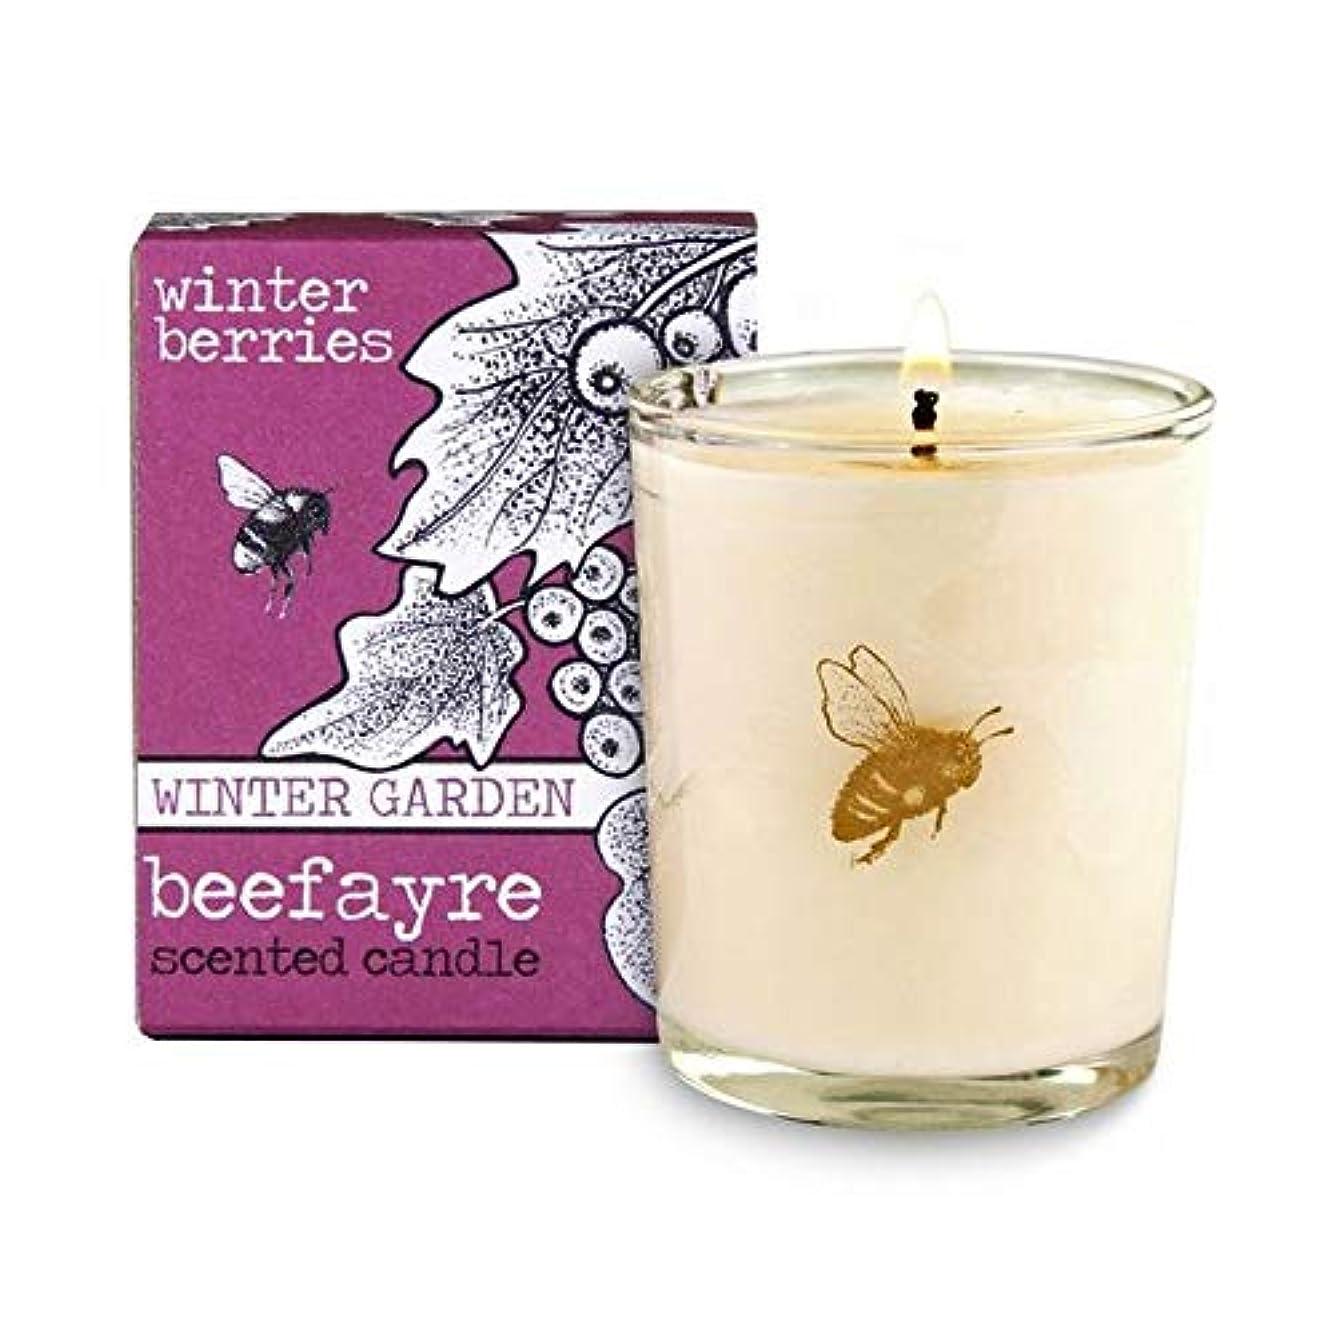 ジョリーインゲン泣き叫ぶ[Beefayre] Beefayre冬の果実小さな香りのキャンドル - Beefayre Winter Berries Small Scented Candle [並行輸入品]